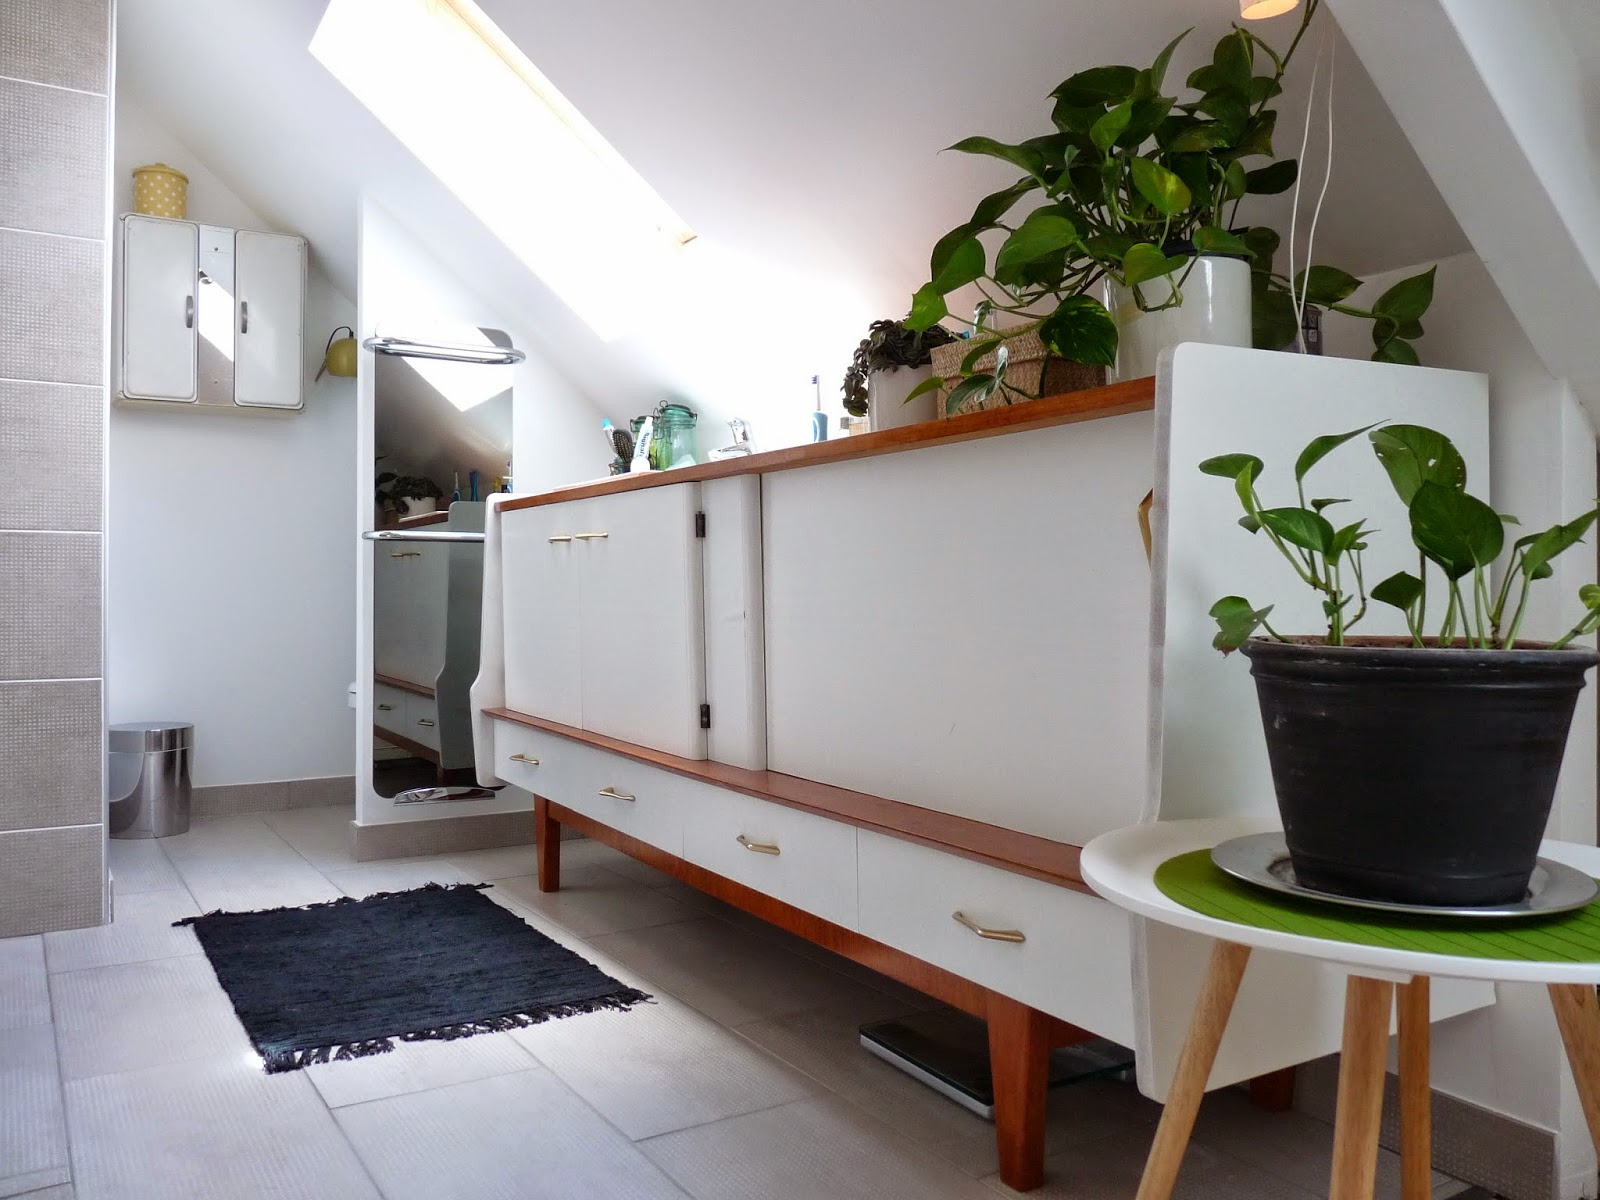 Rue rivoirette diy mon meuble de salle de bain for Meuble salle de bain diy